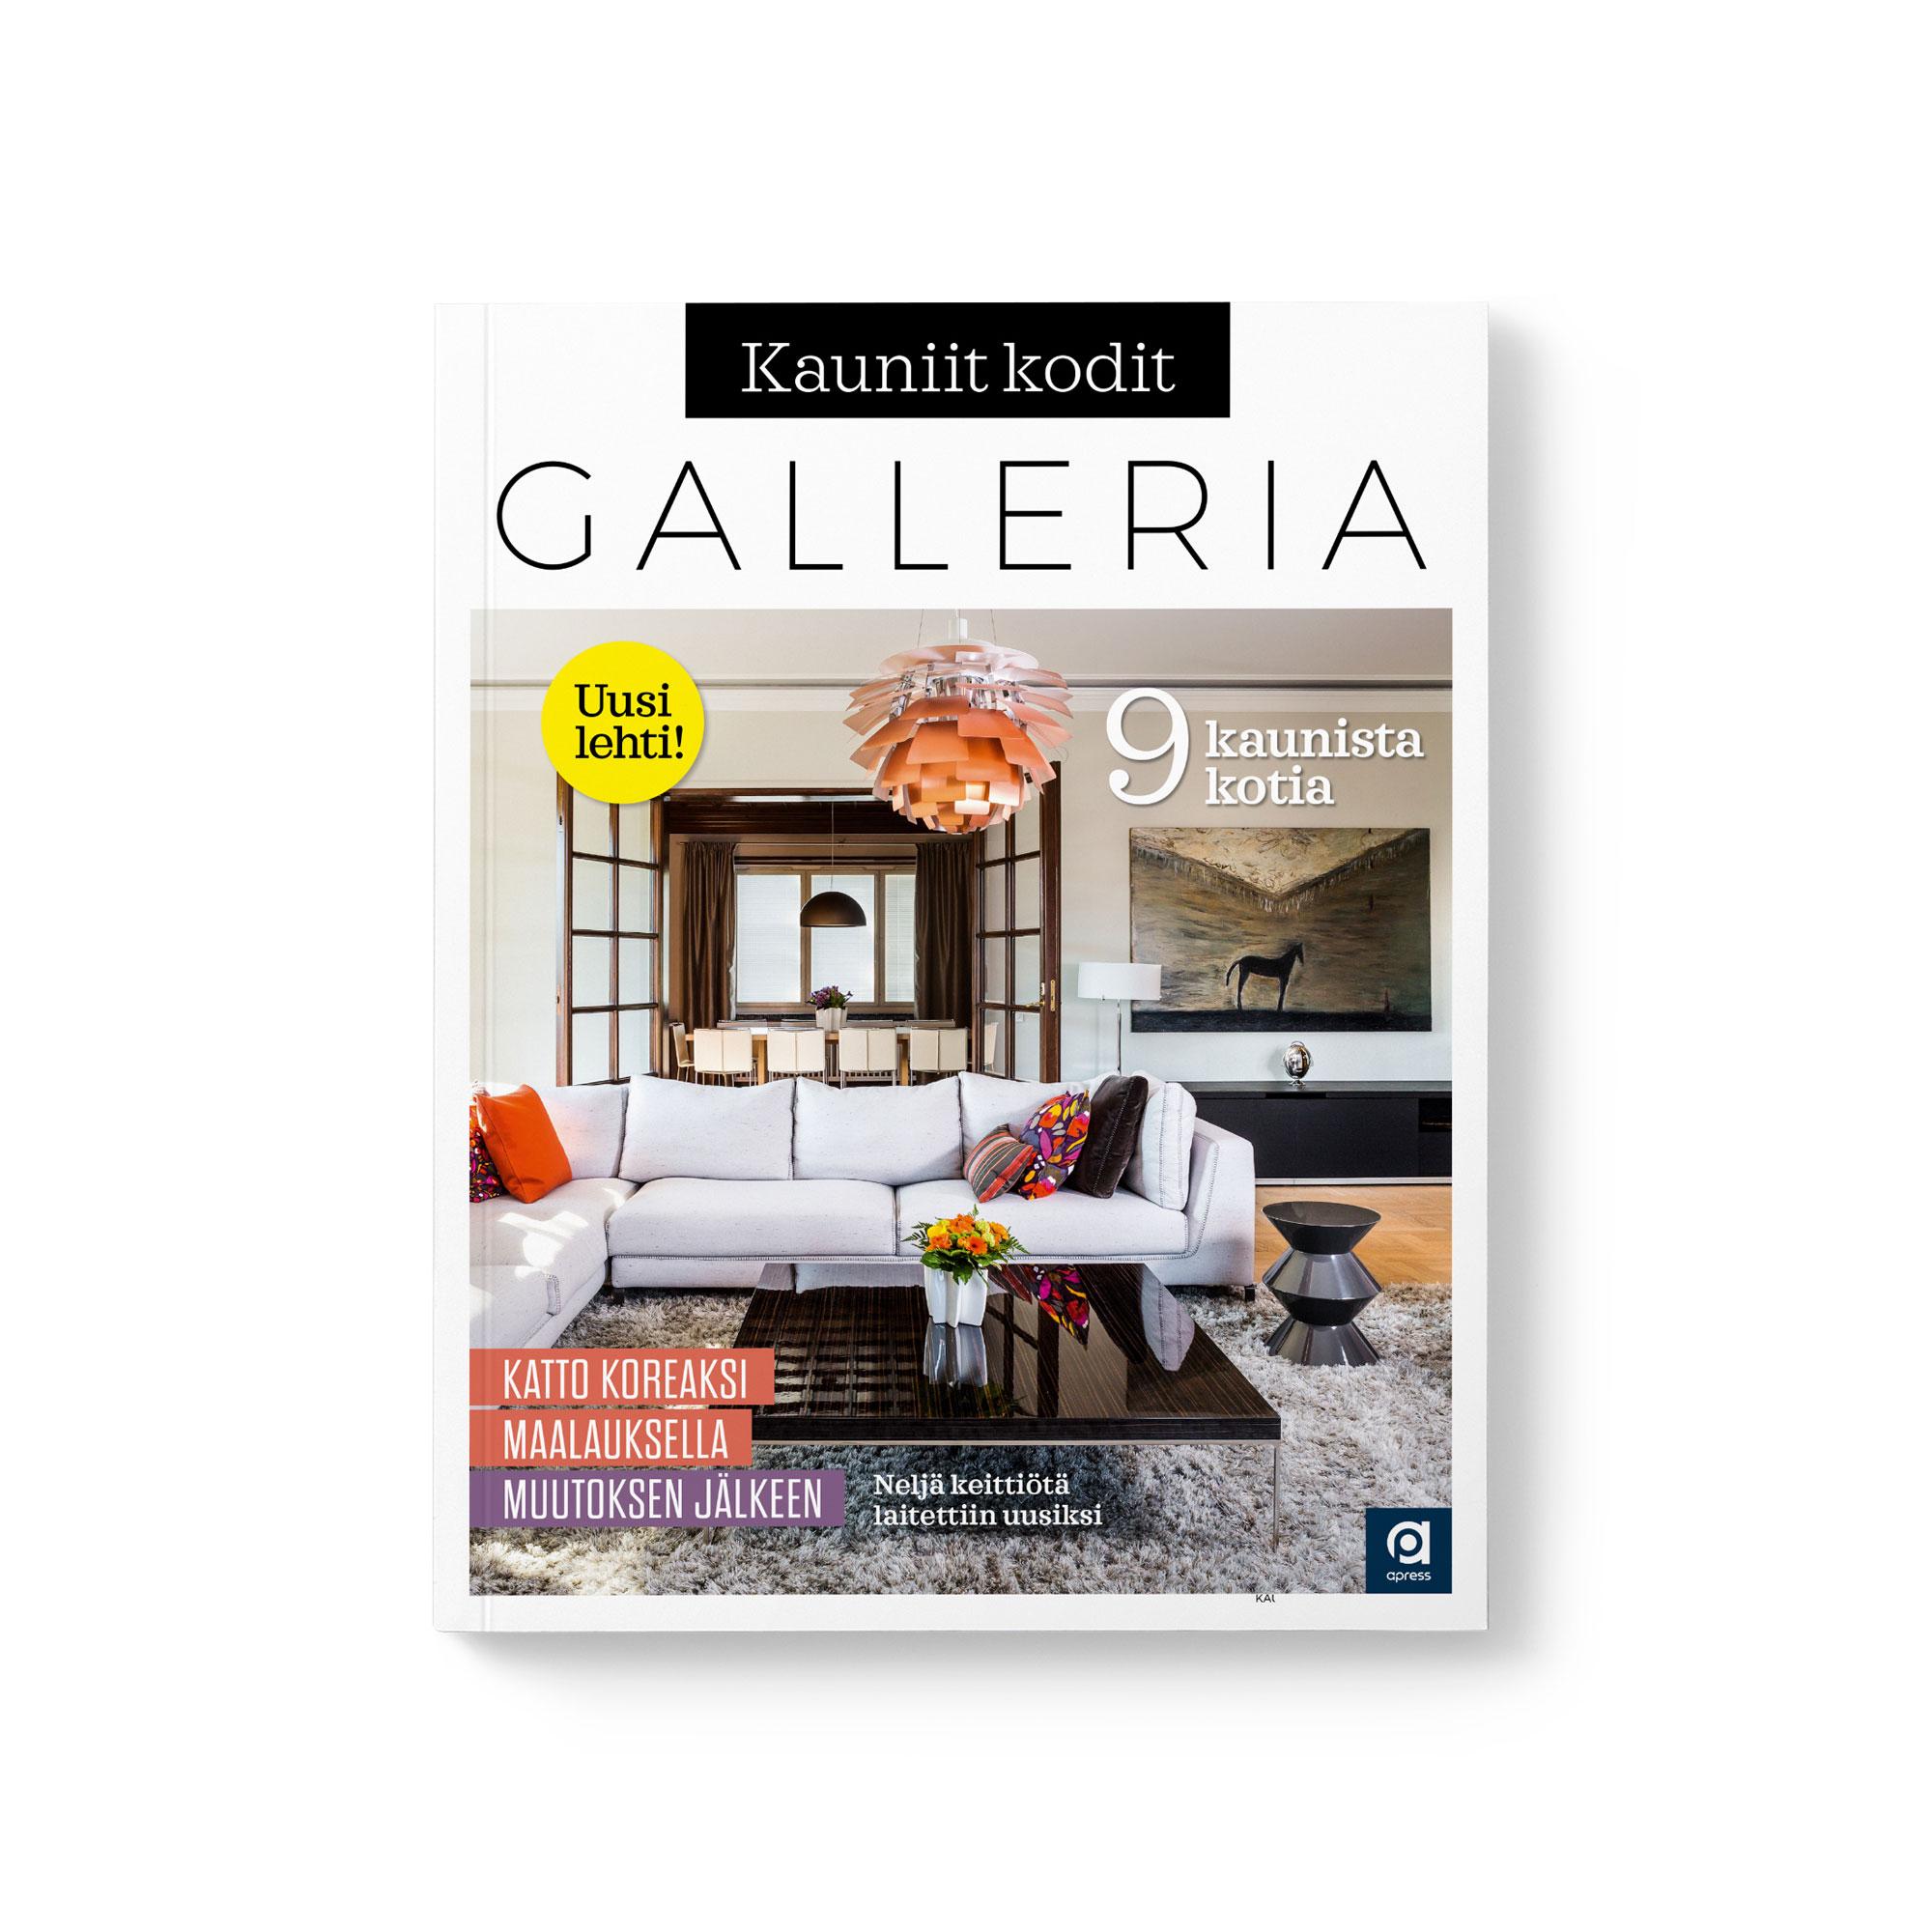 Kauniit kodit Galleria